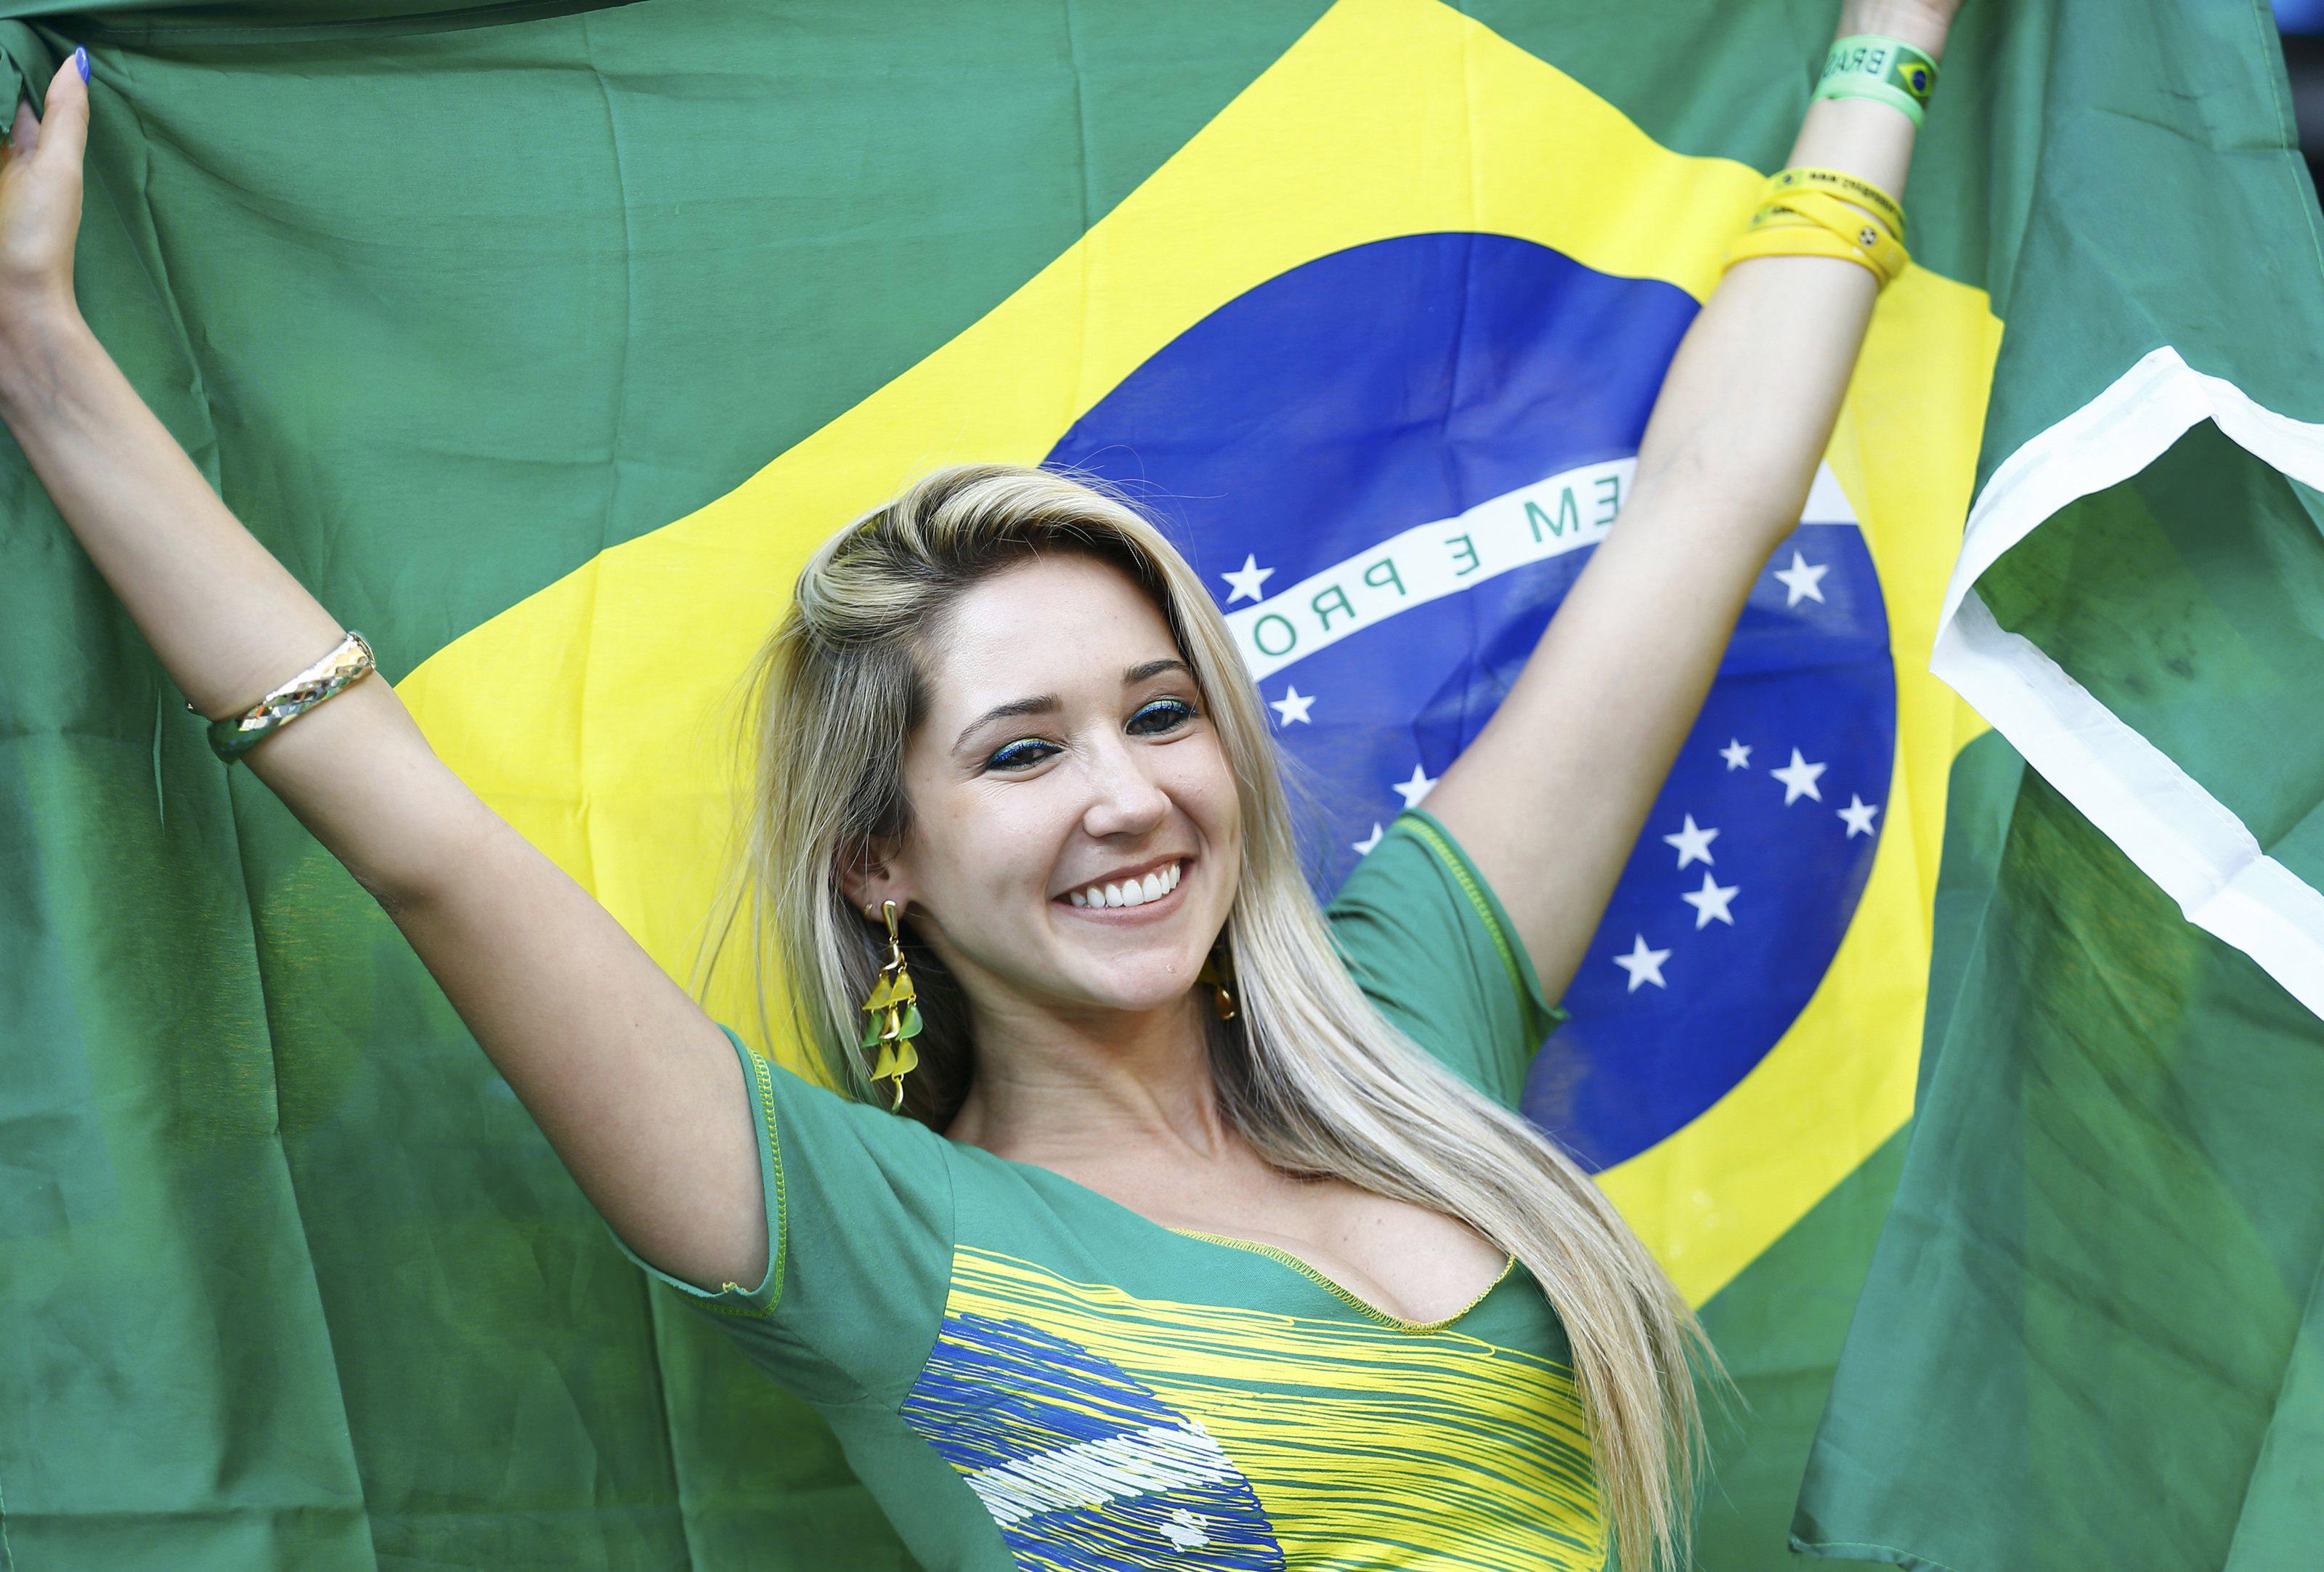 بالصور بنات برازيليات , احلي بنت من البرازيل 1075